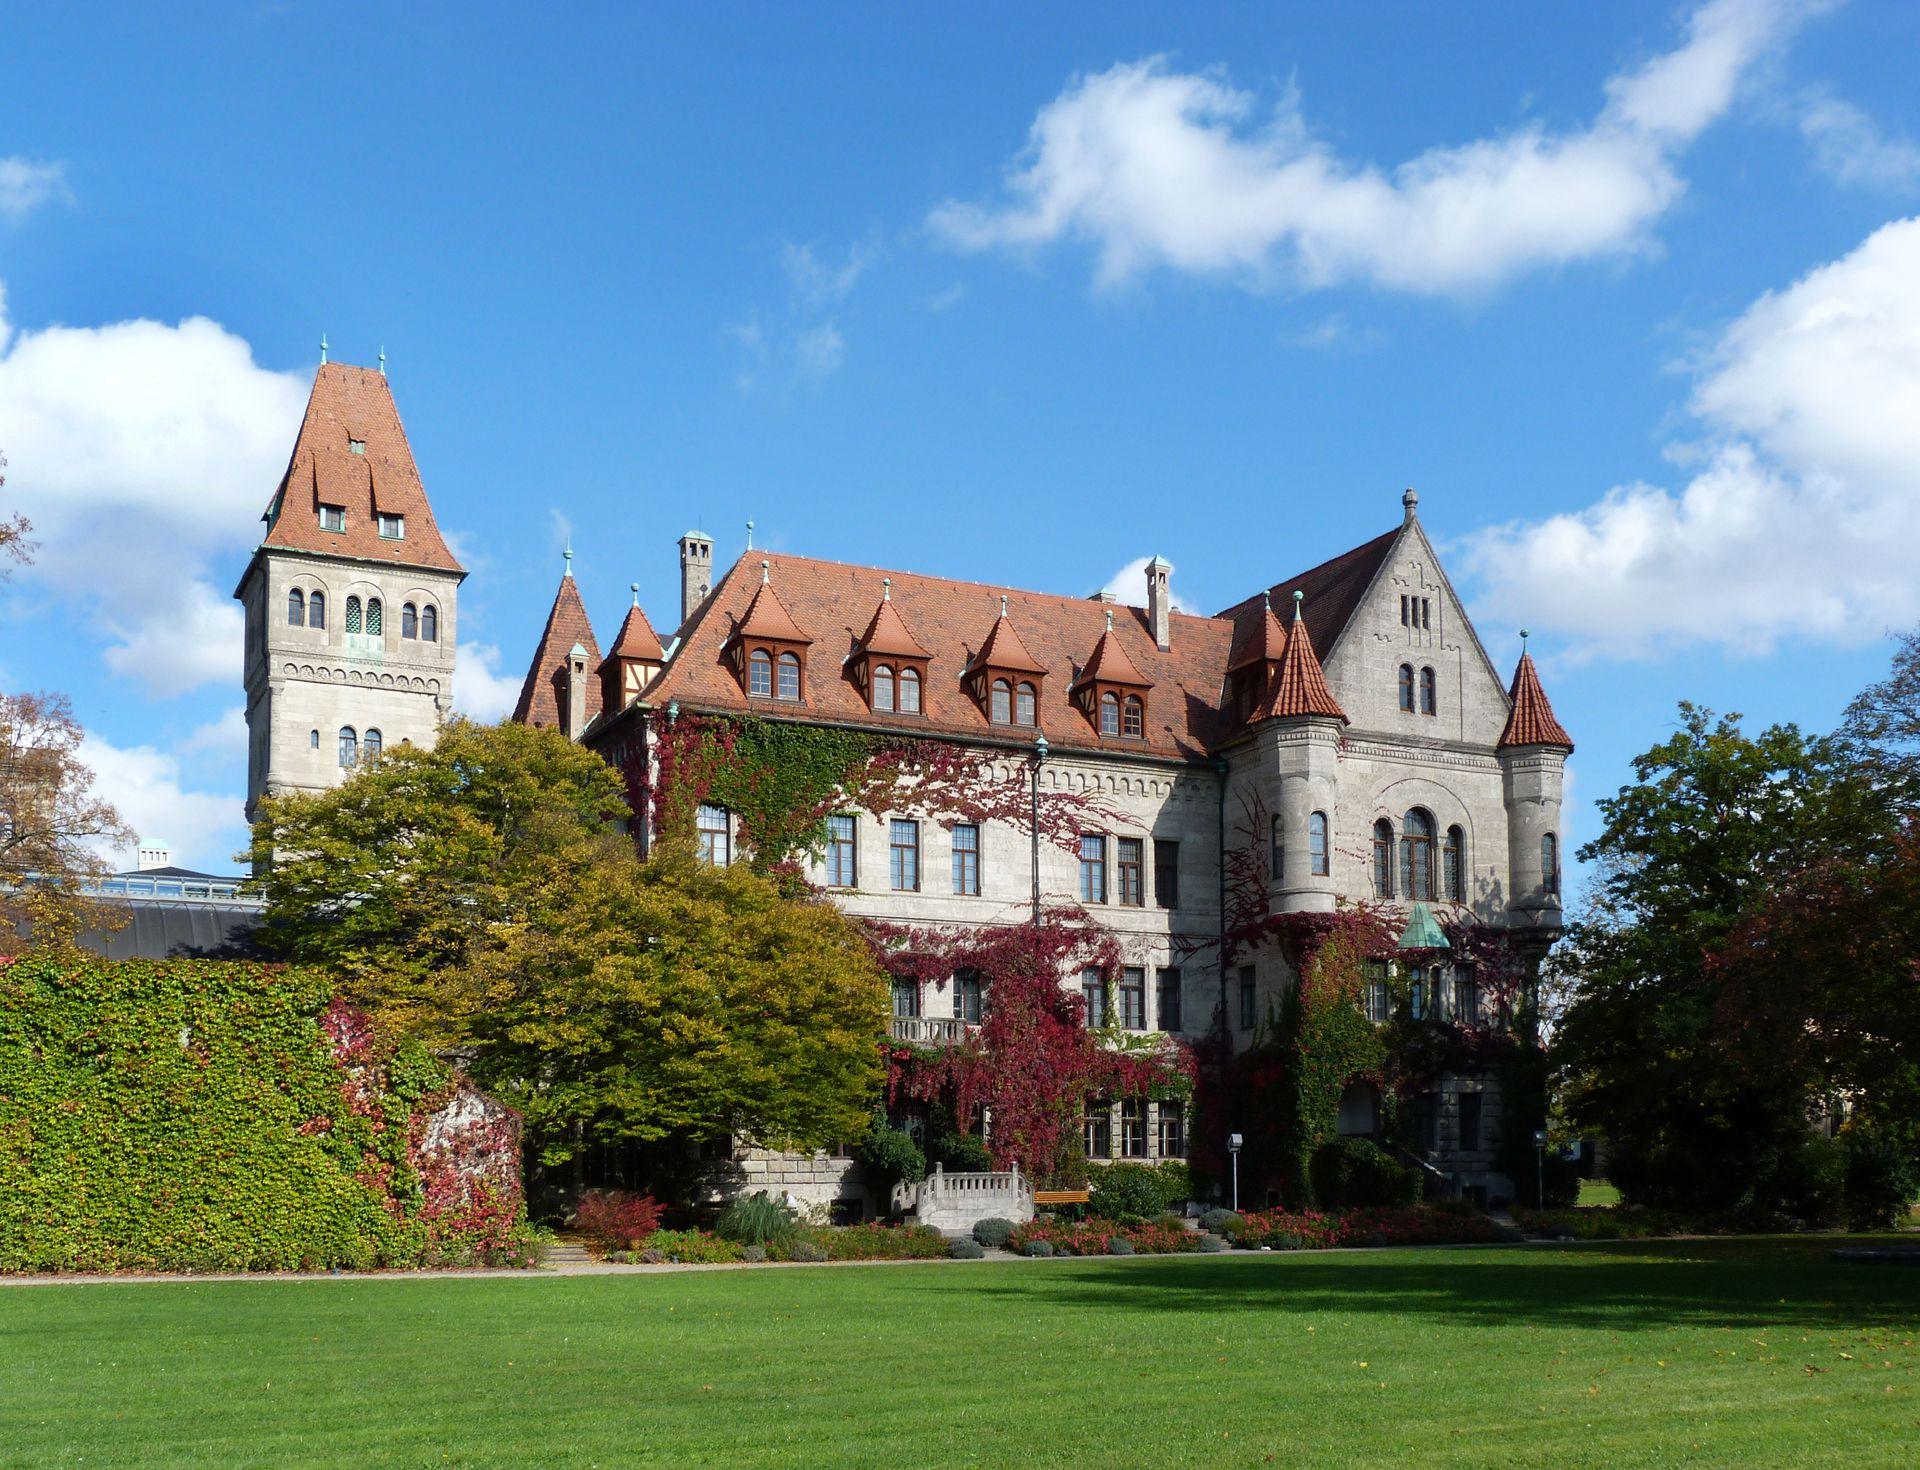 Castle Faber-Castell Park, southwest view